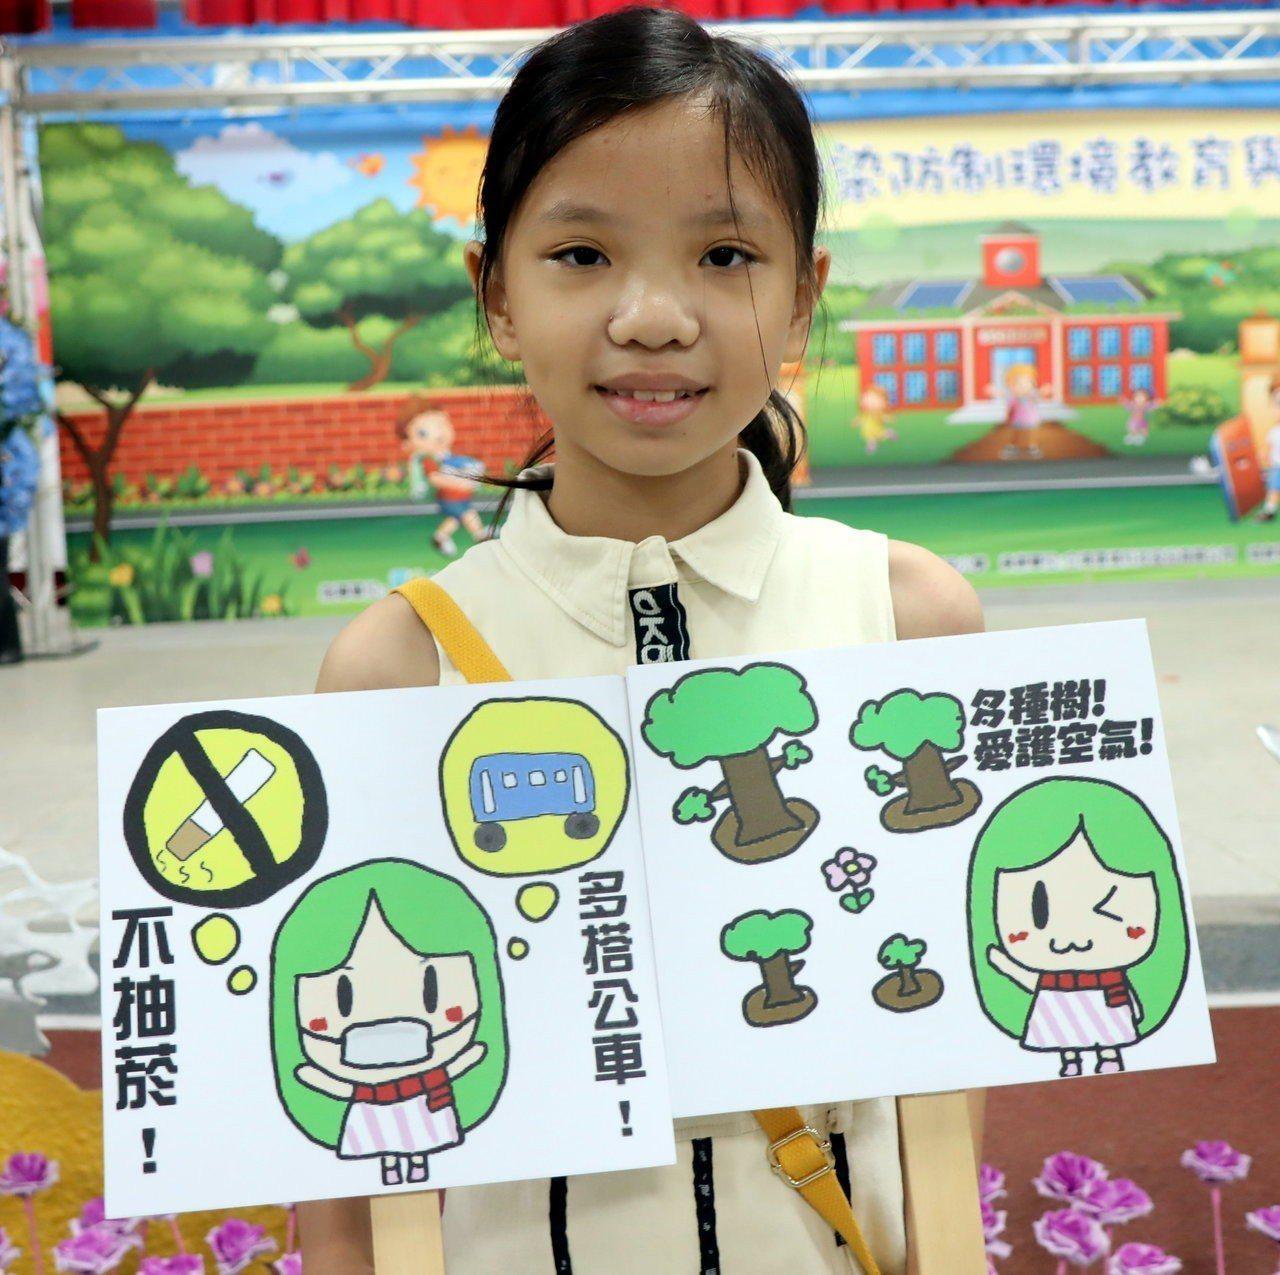 國小組第一名新上國小杜洪萱,以自己的造型搭配綠色的頭髮,代表重視綠色環境設計出「...